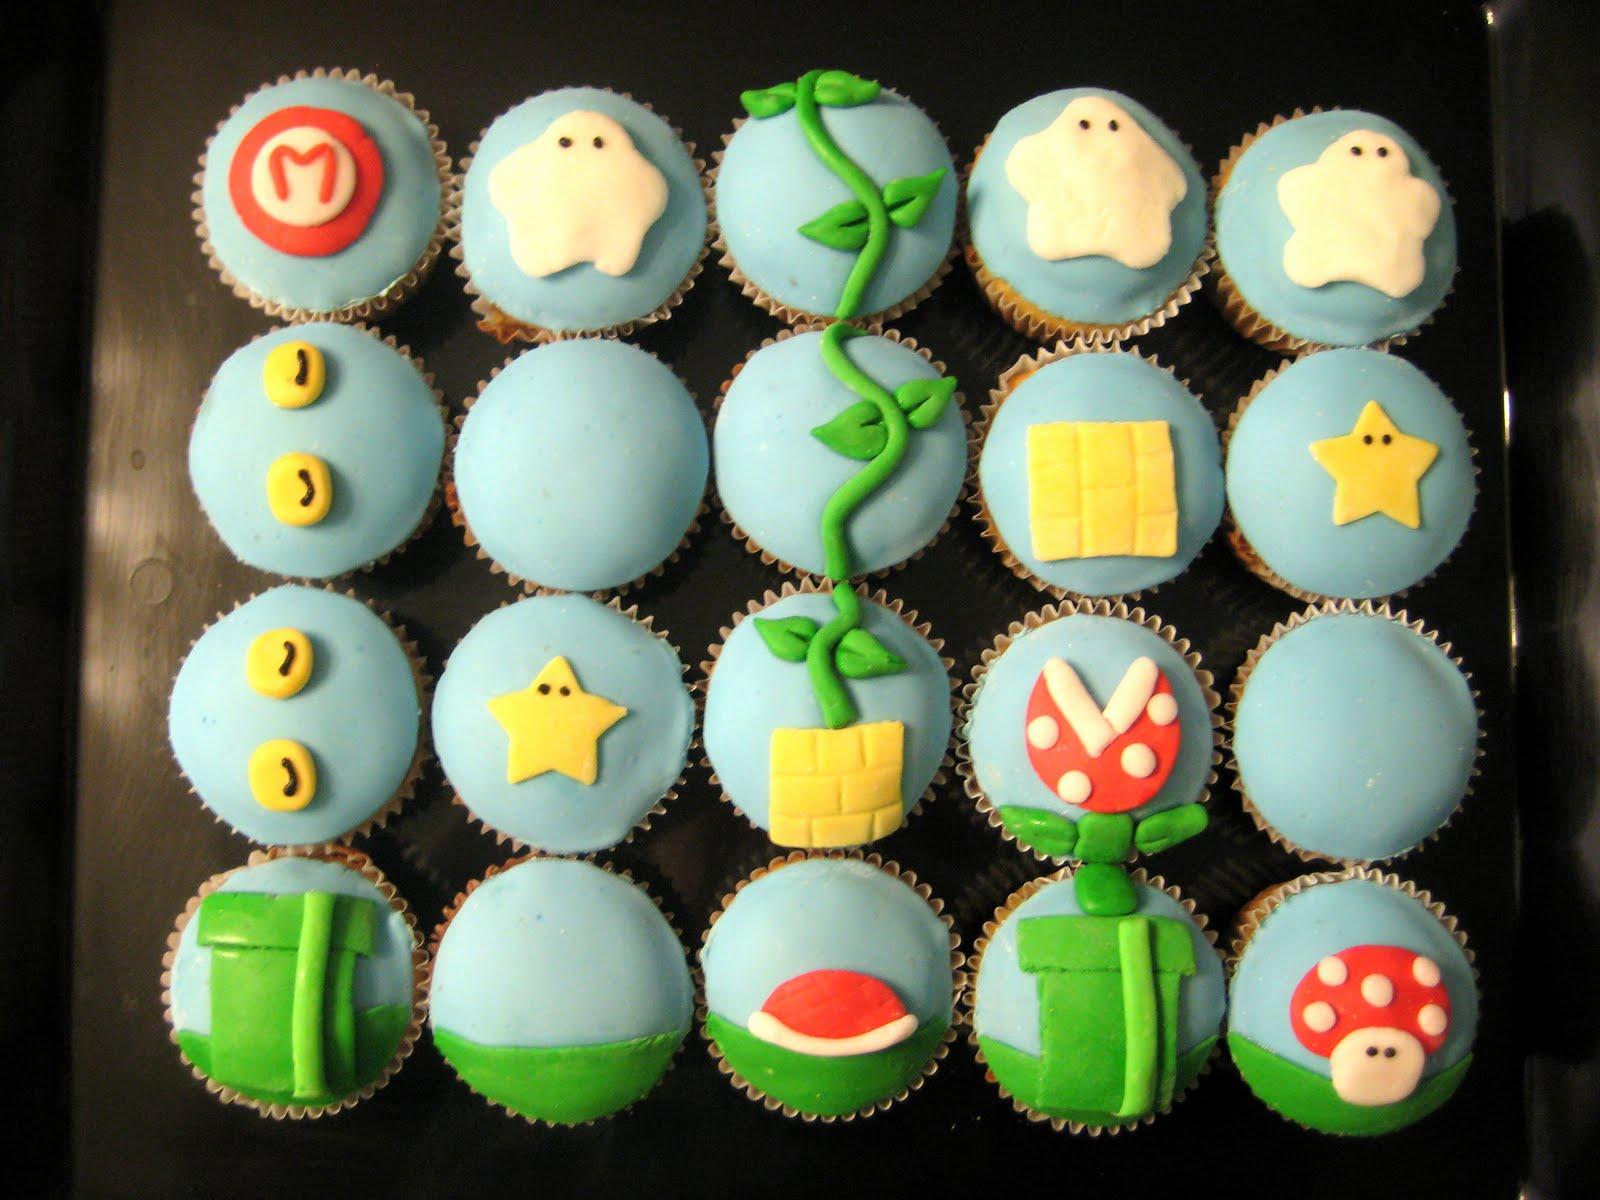 http://1.bp.blogspot.com/_OmhqtV2VkQE/S8UpRUq8P2I/AAAAAAAAC8g/RxtdzLiMtAc/s1600/MarioCupcakes.jpg